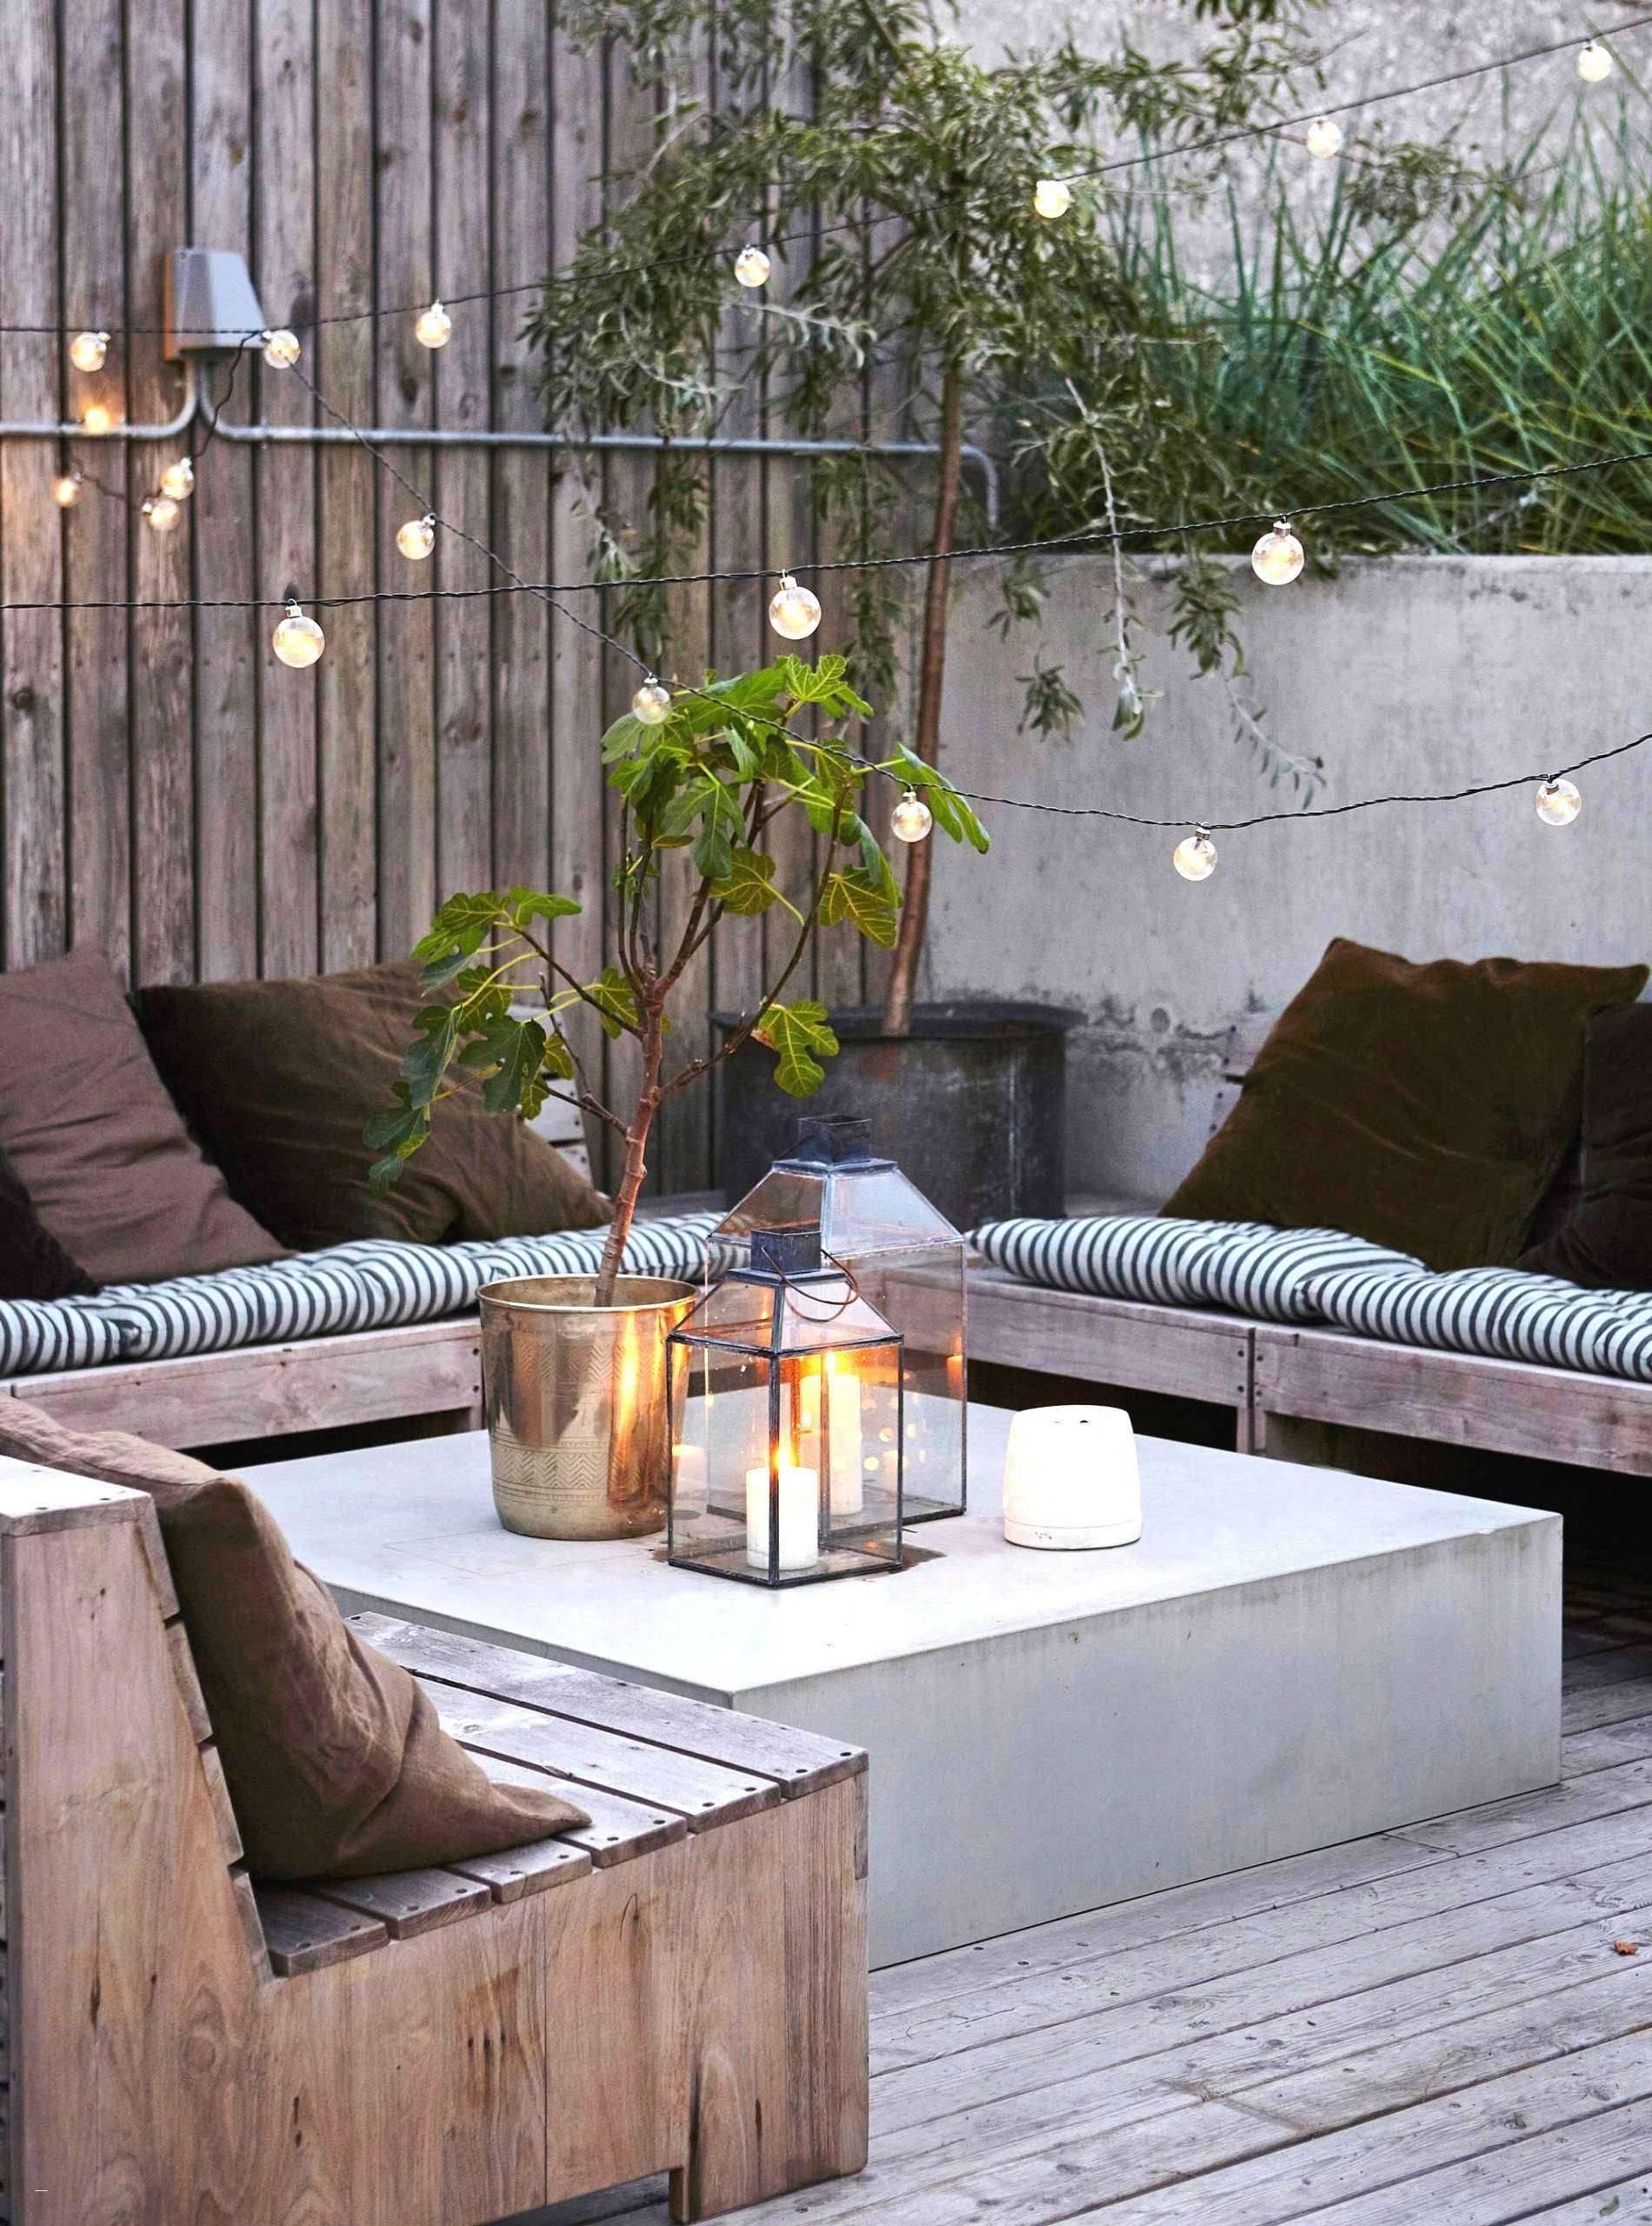 Gartengestaltung Modern Schön Luxury Wohnzimmer Modern Luxus Inspirations